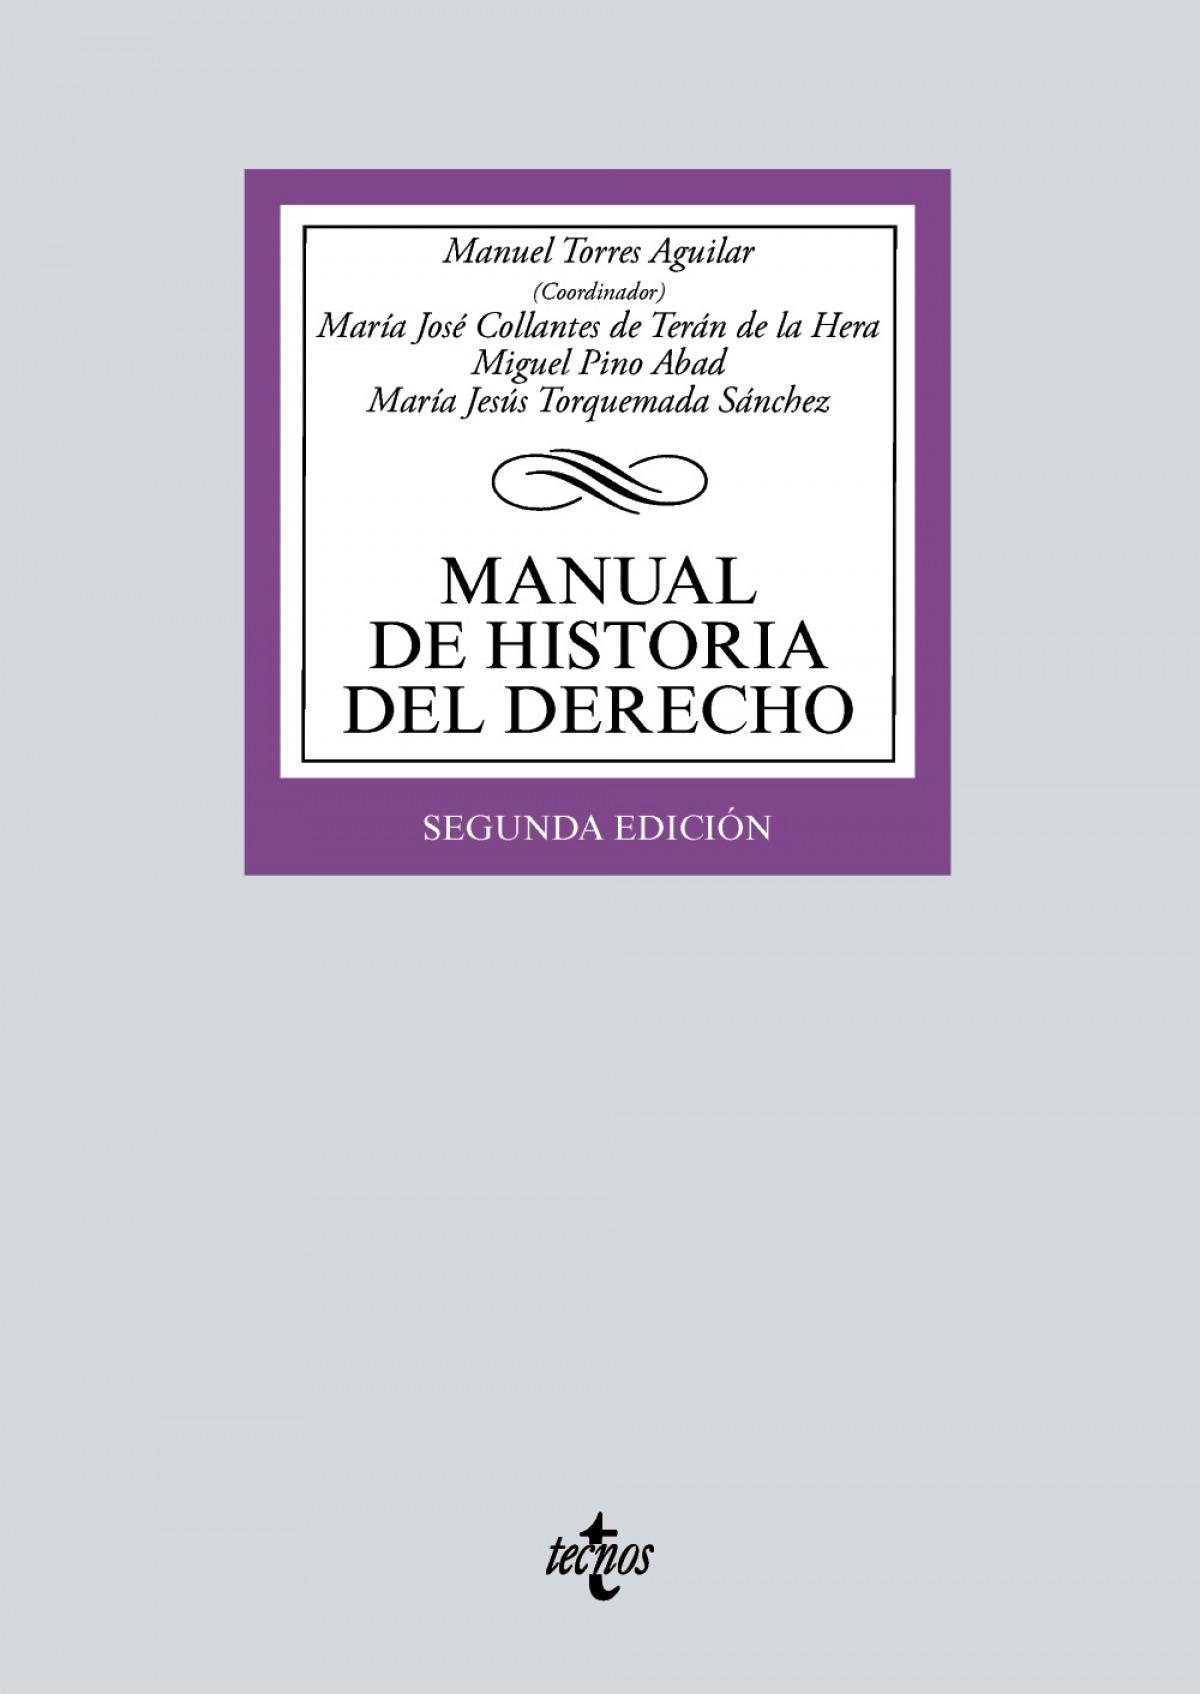 Pack Manual de Historia del Derecho